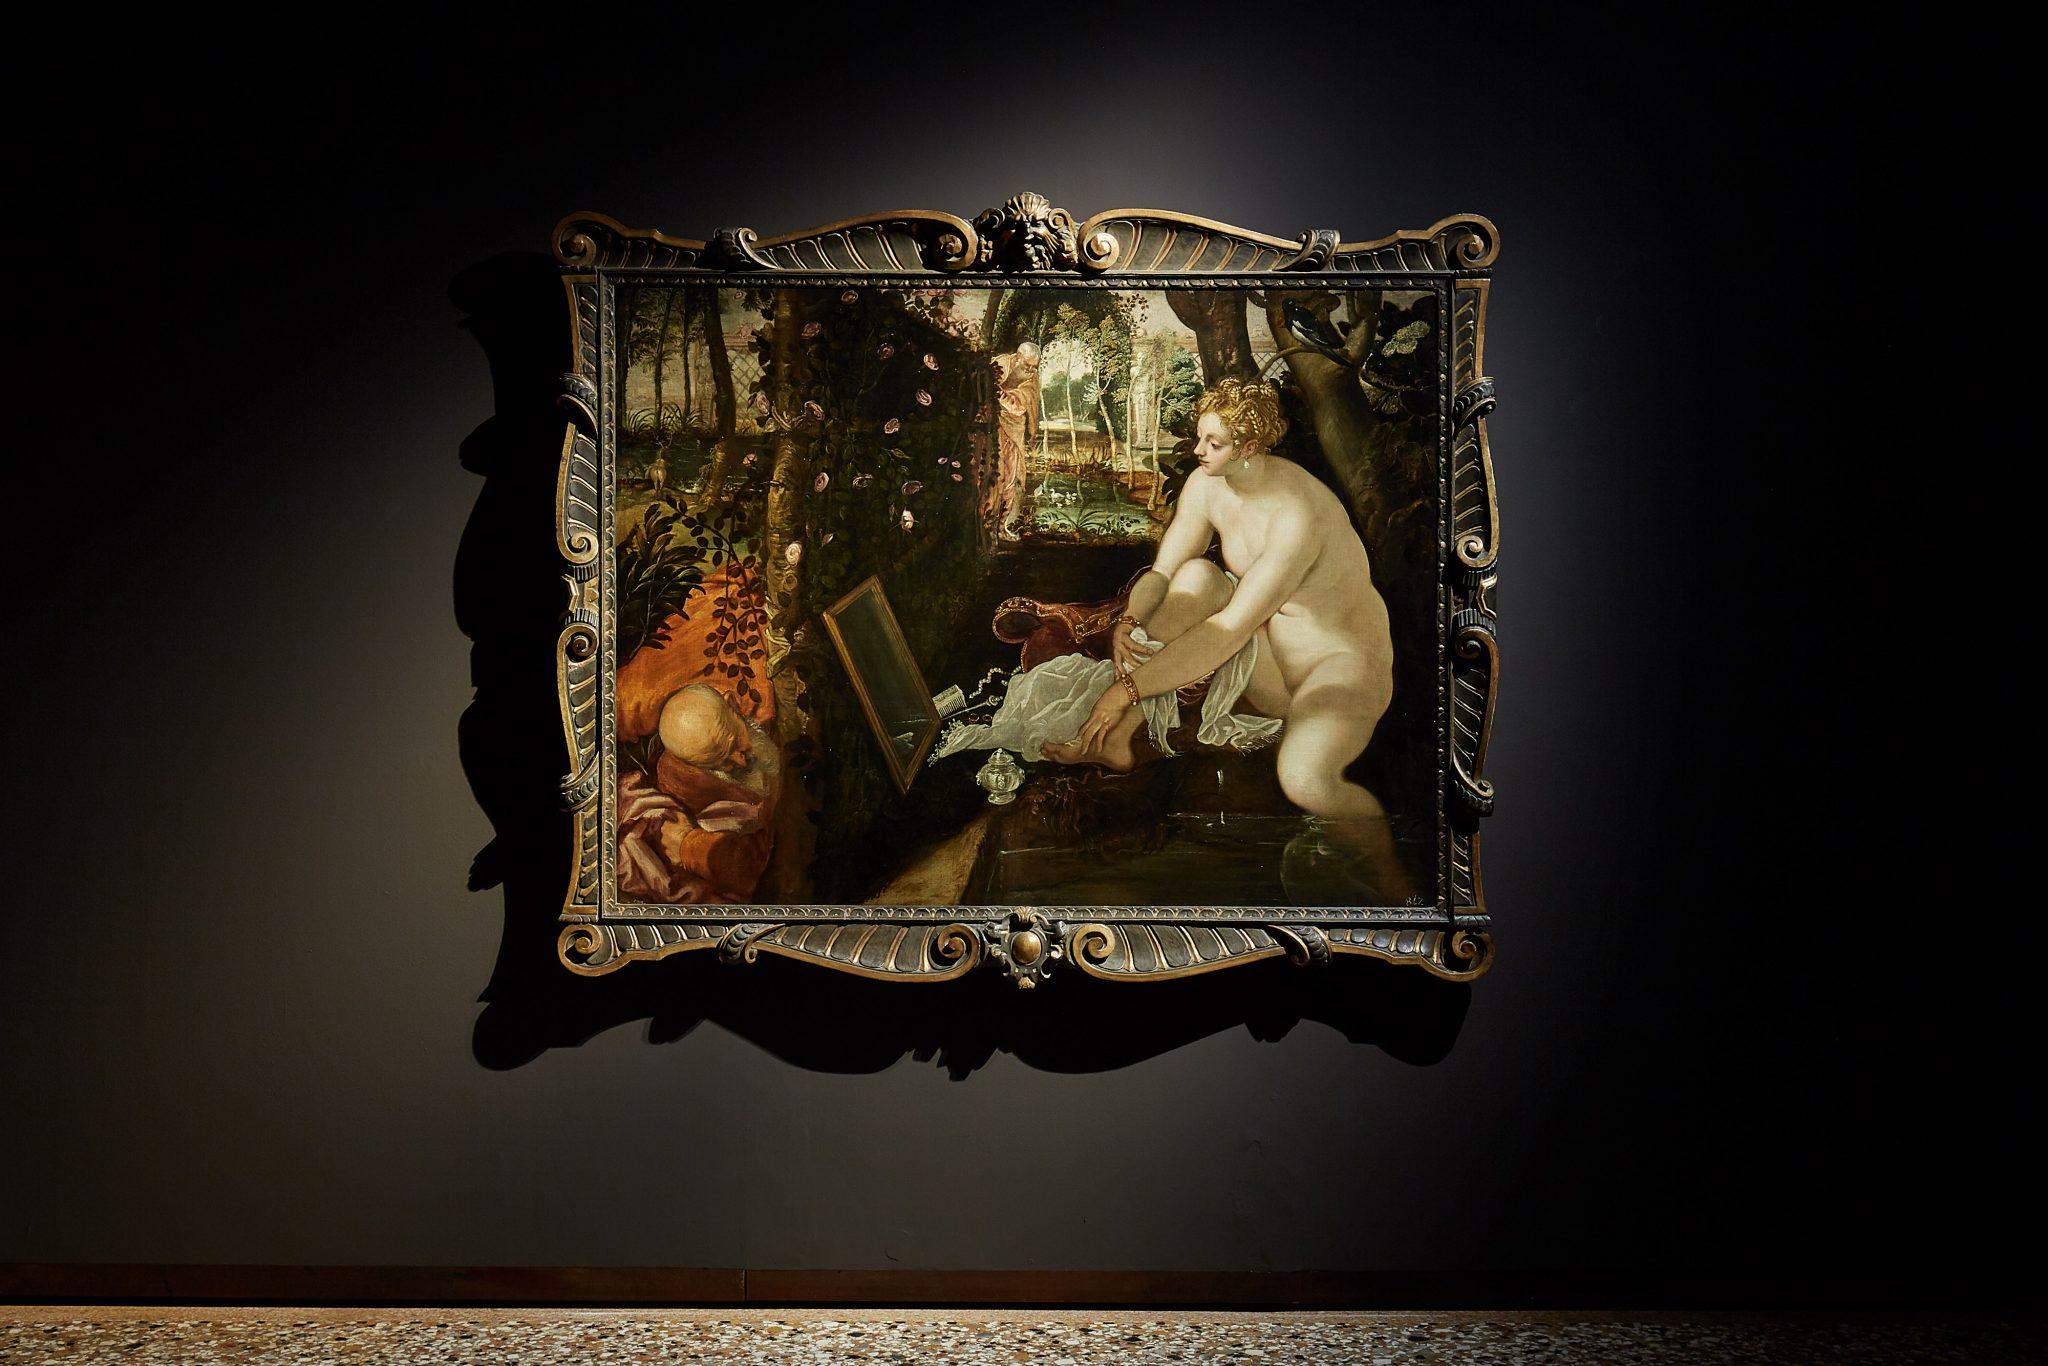 Visionario, violento, virtuoso. Tutto il genio di Tintoretto nella (doppia) magistrale mostra a Venezia. Report e immagini